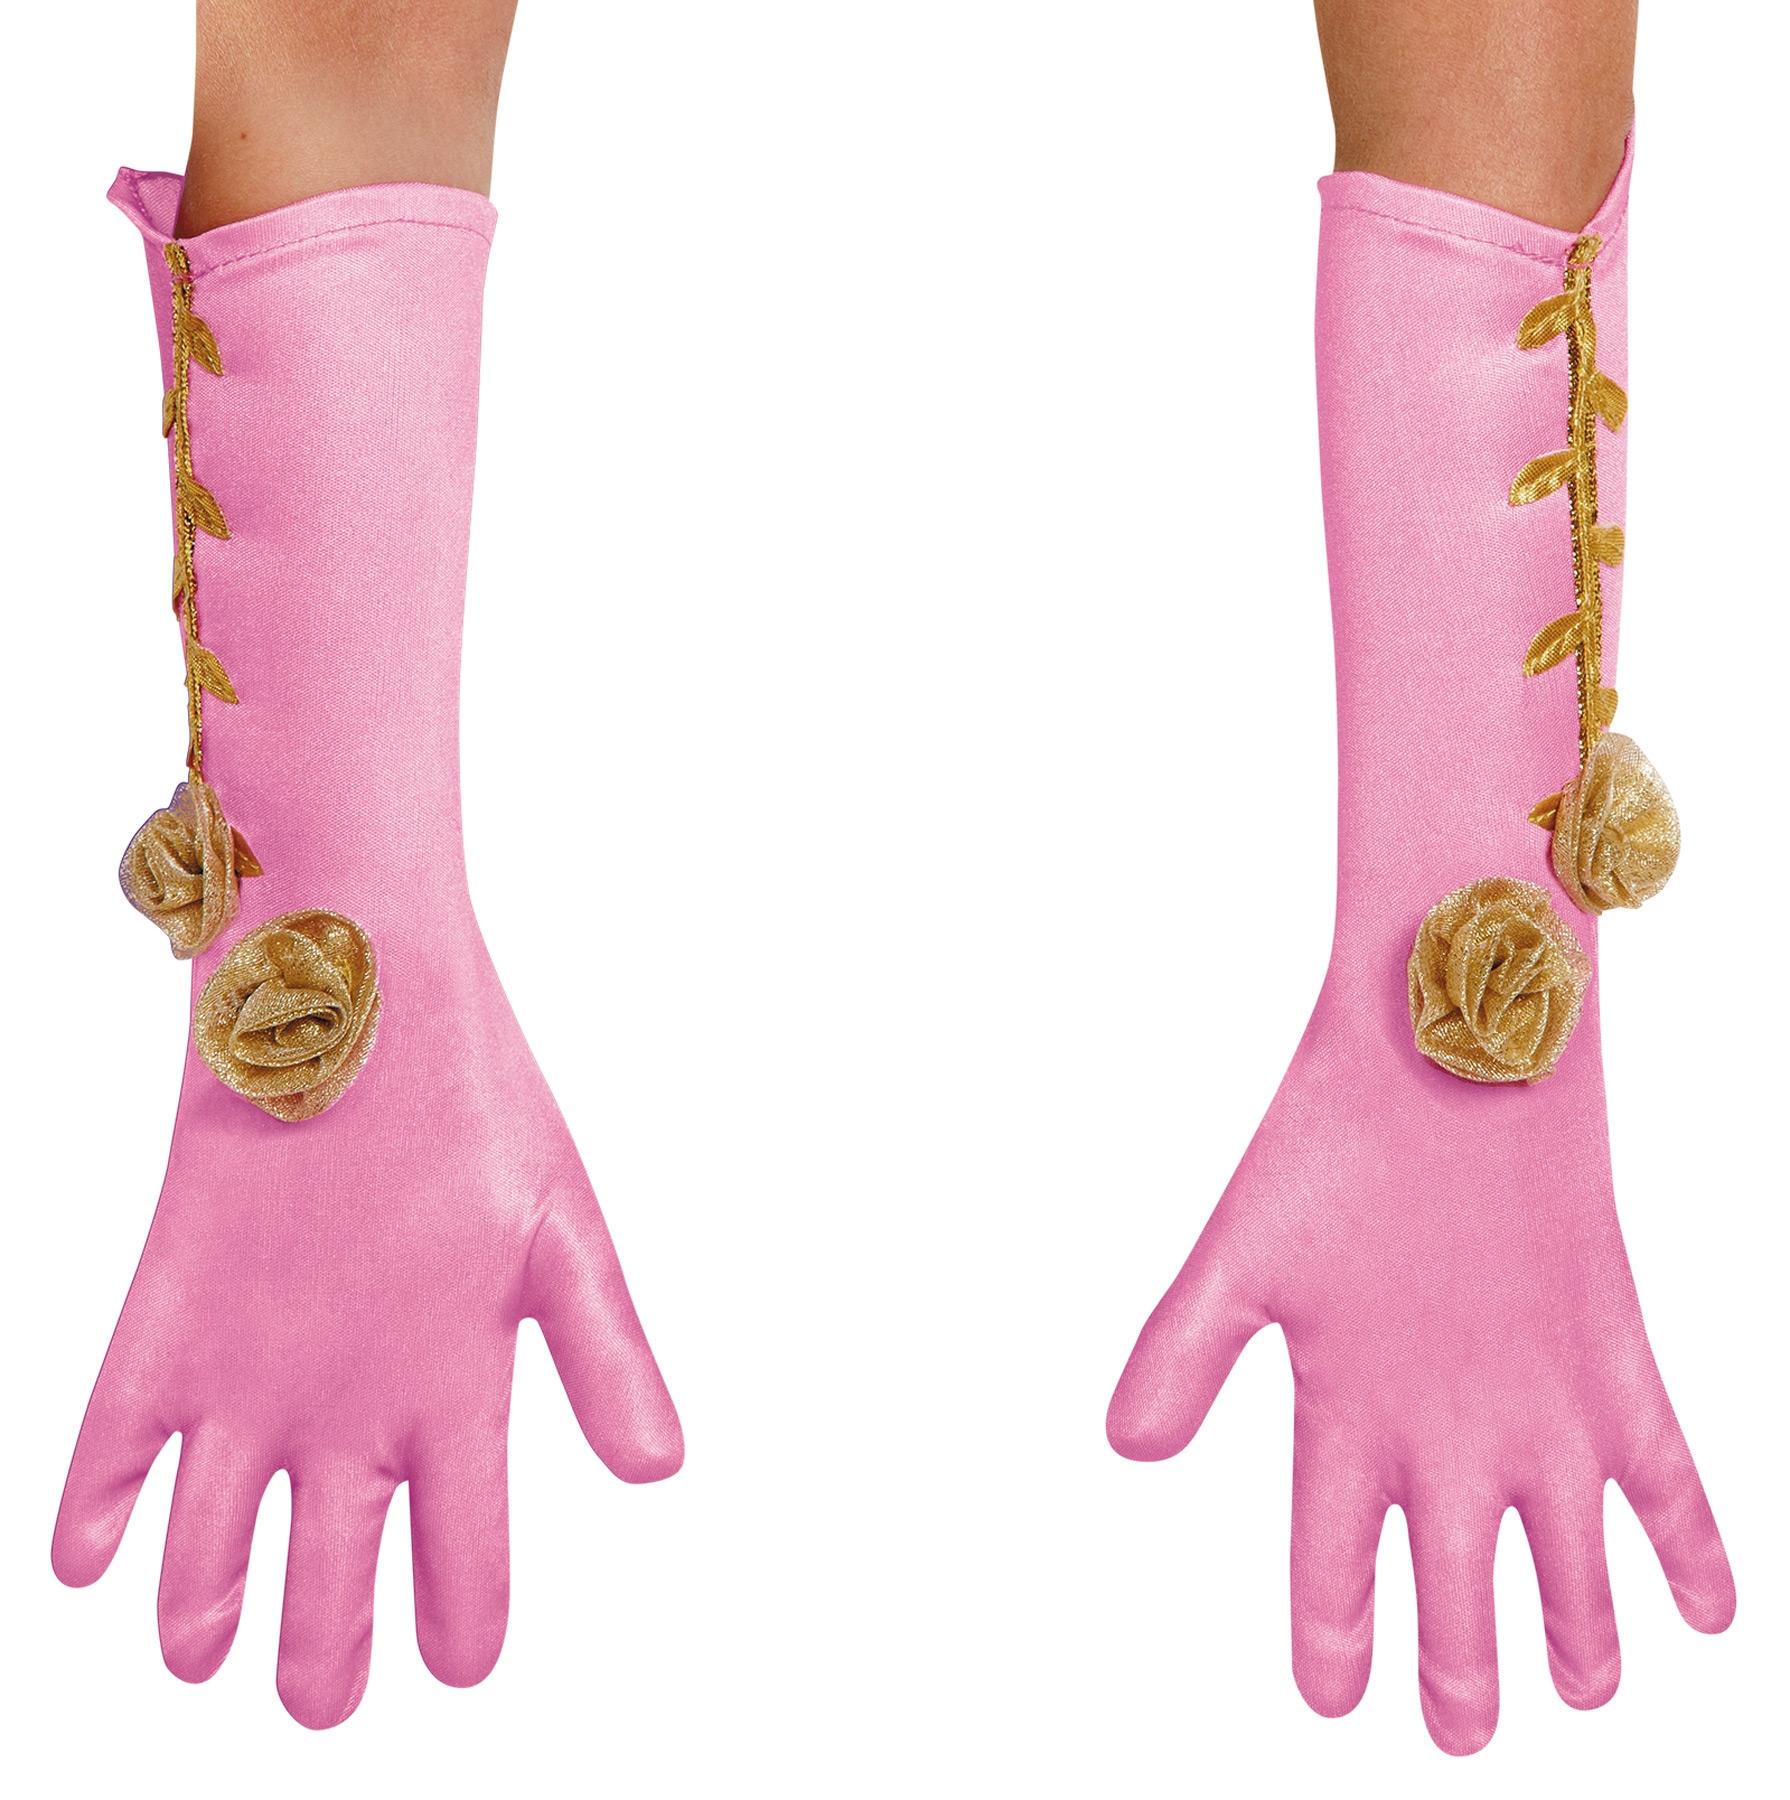 Детские перчатки Авроры (UNI) - Перчатки и рукава